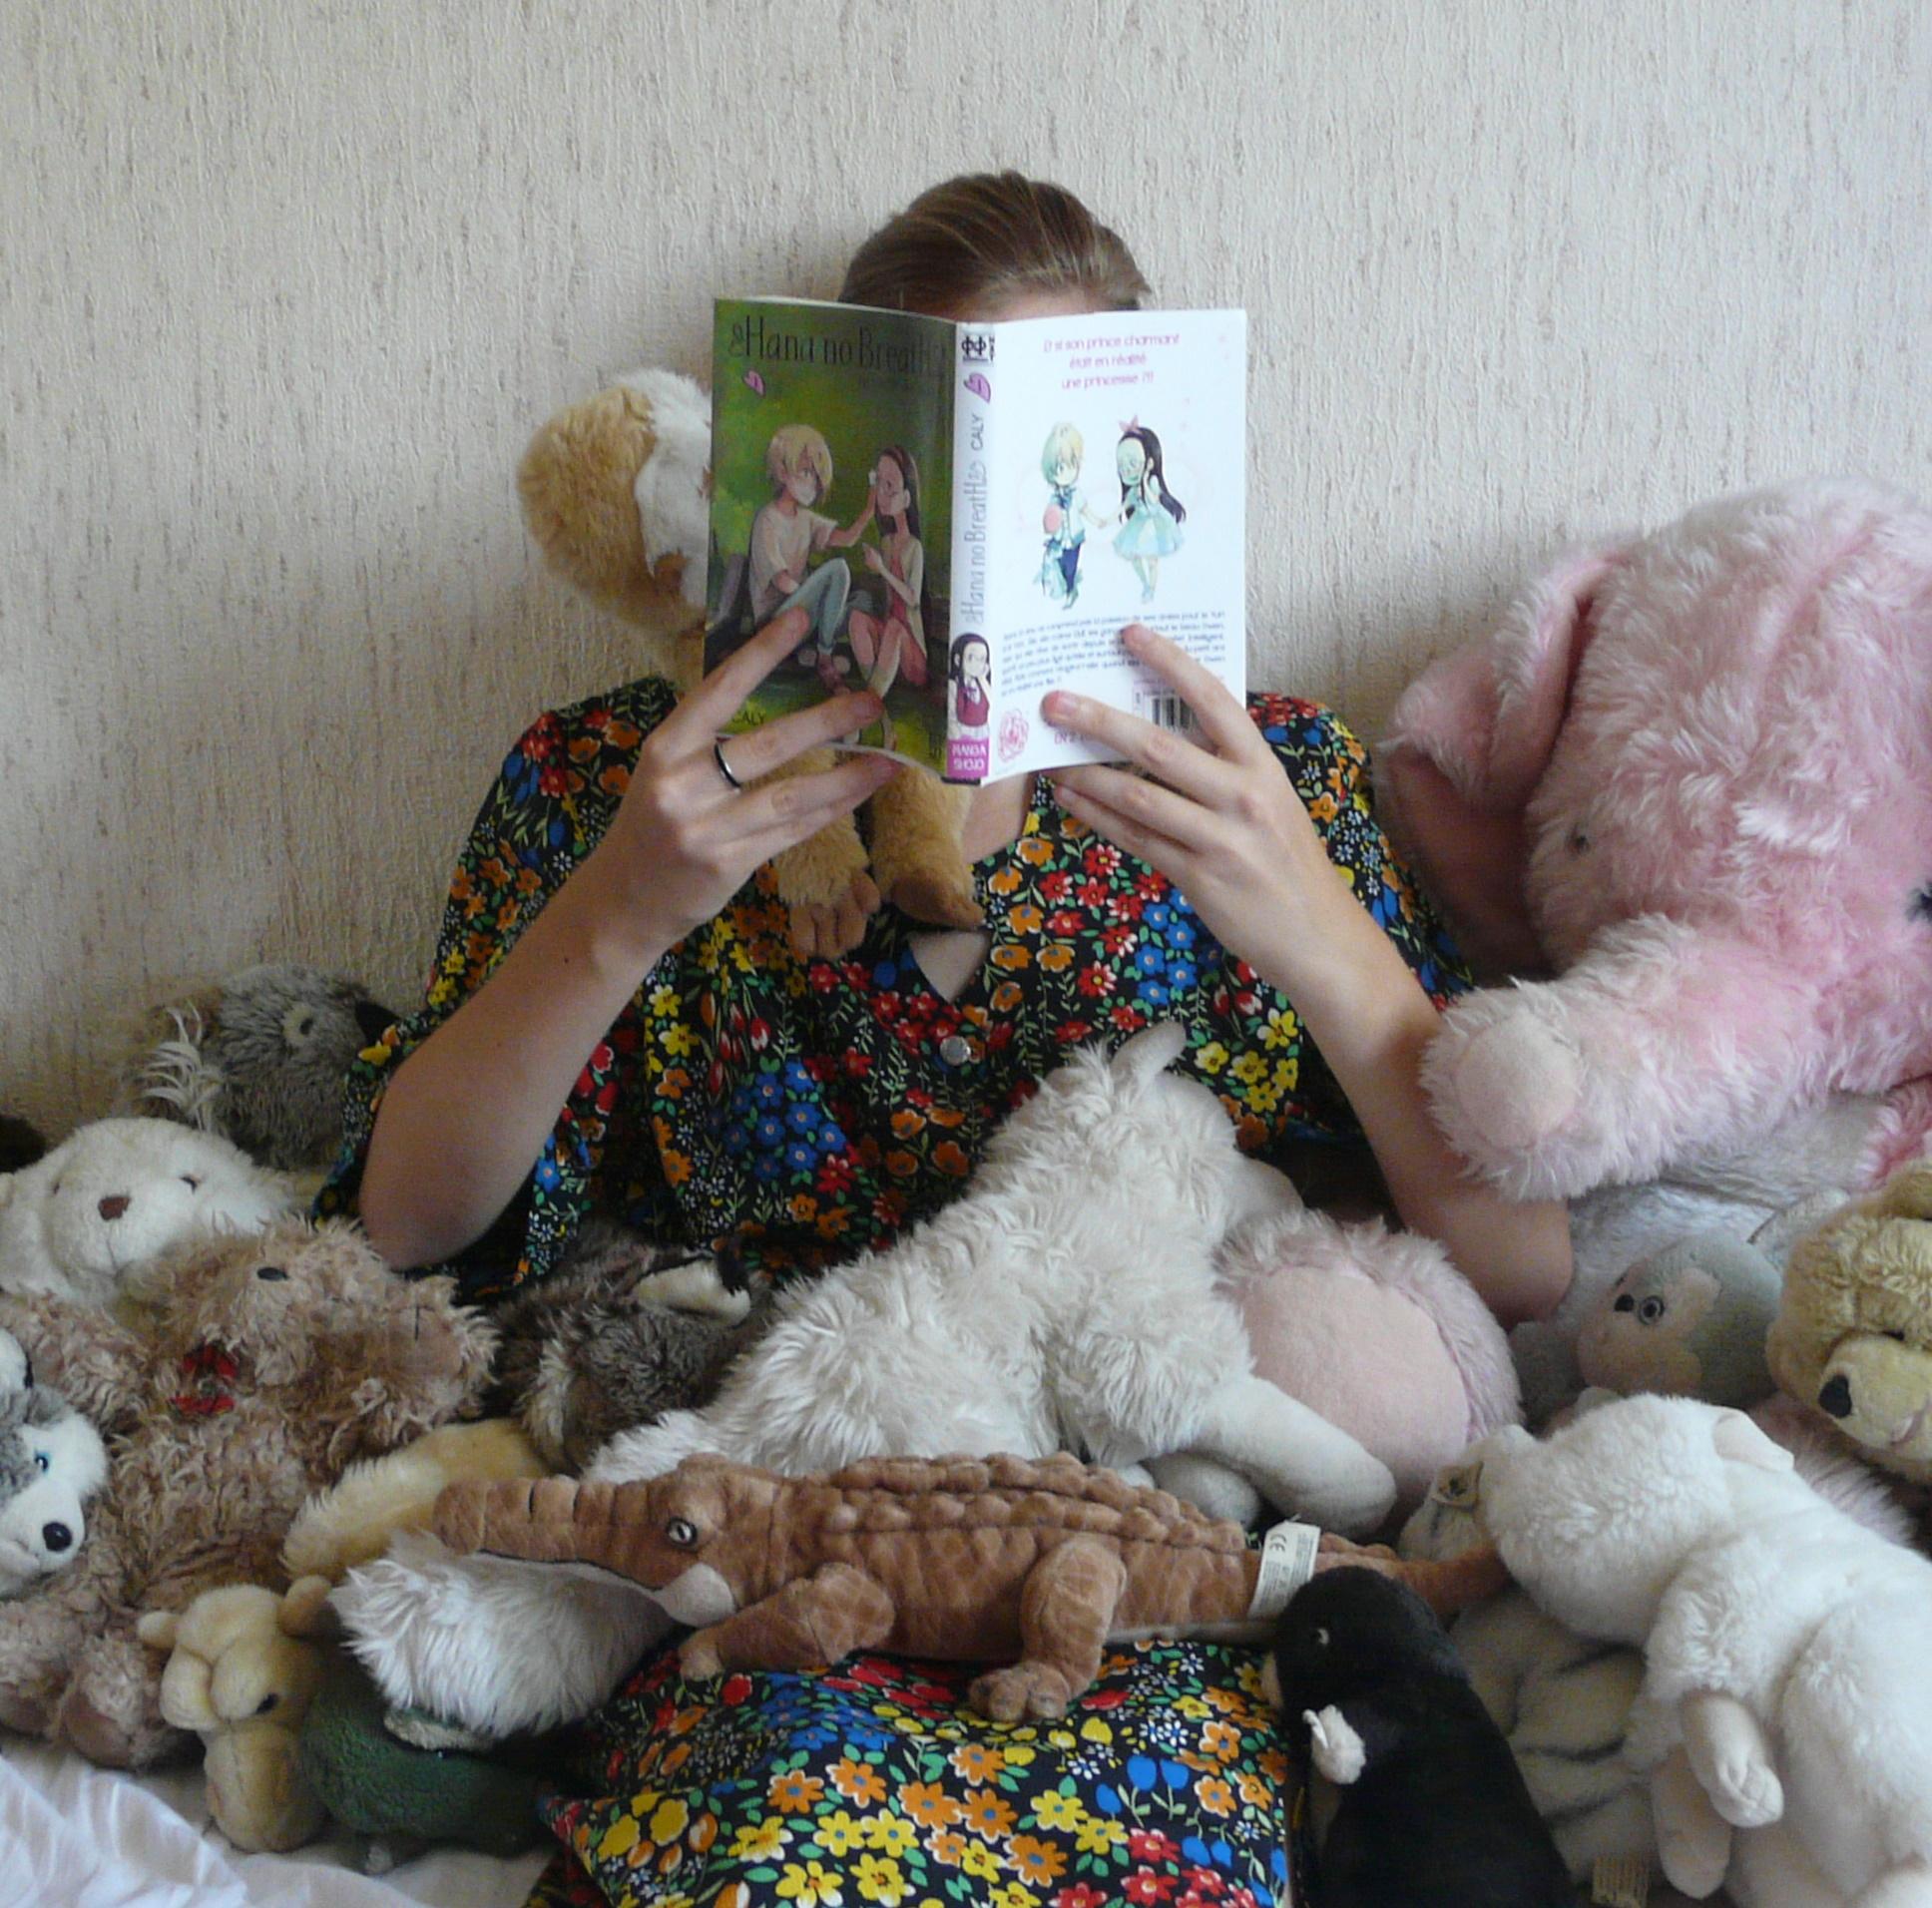 femme en robe à fleurs multicolores lisant Hana No Breath tome 1 de Caly, au milieu de plein de peluches